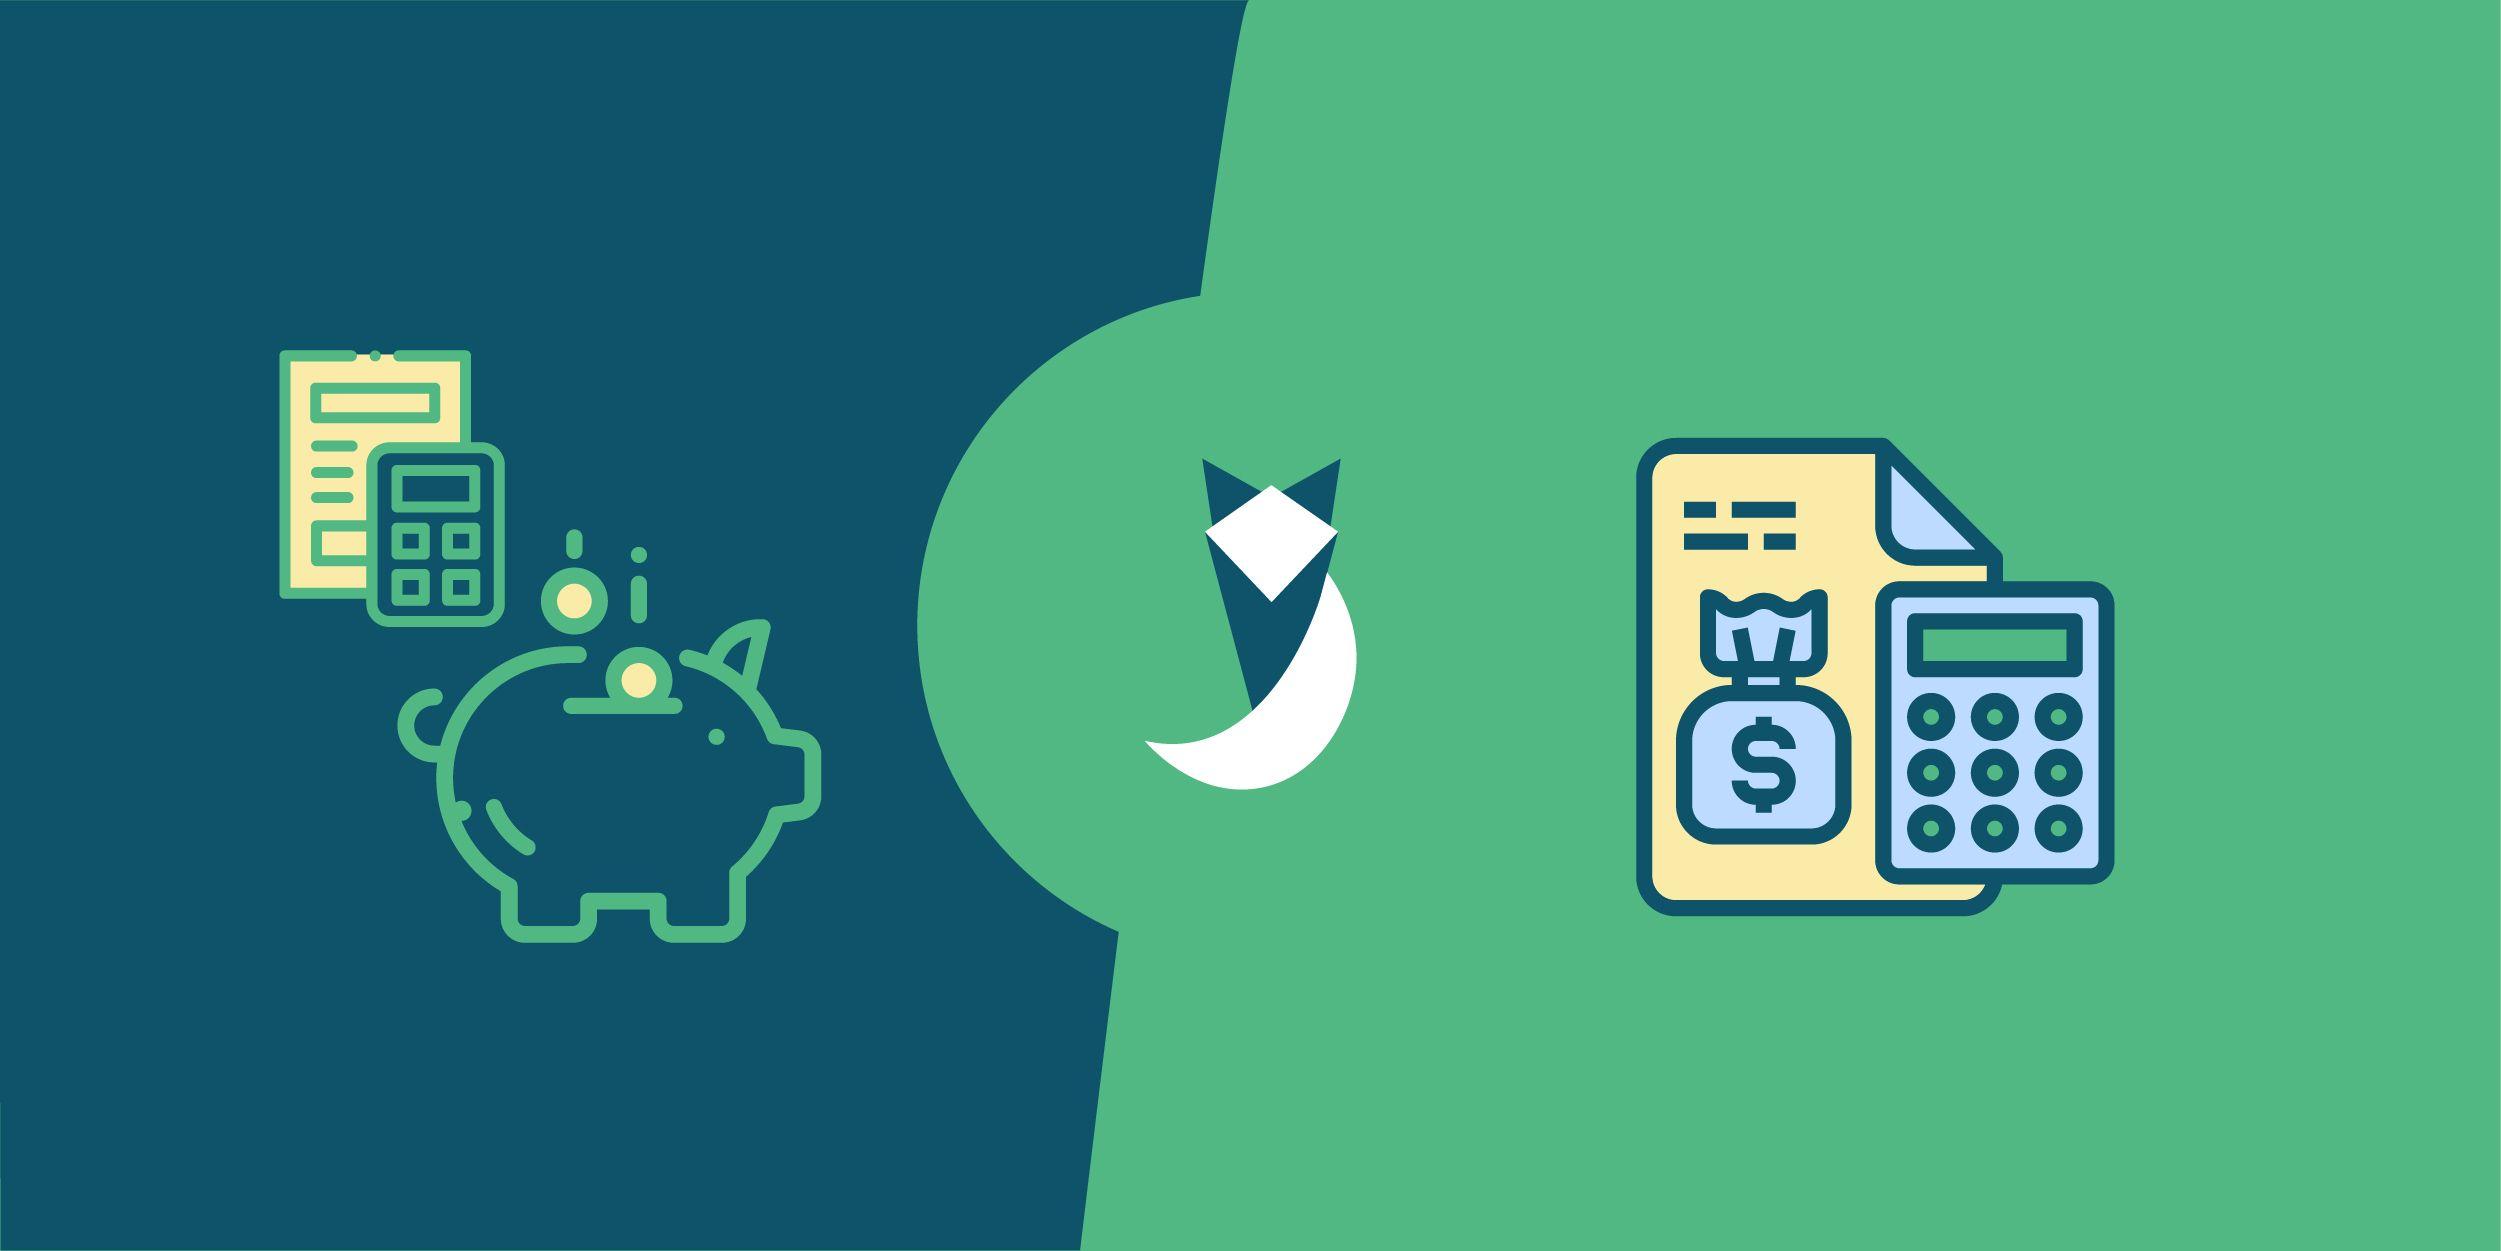 إيه الفرق ما بين دفتر توفير البريد وحساب التوفير البنكي؟